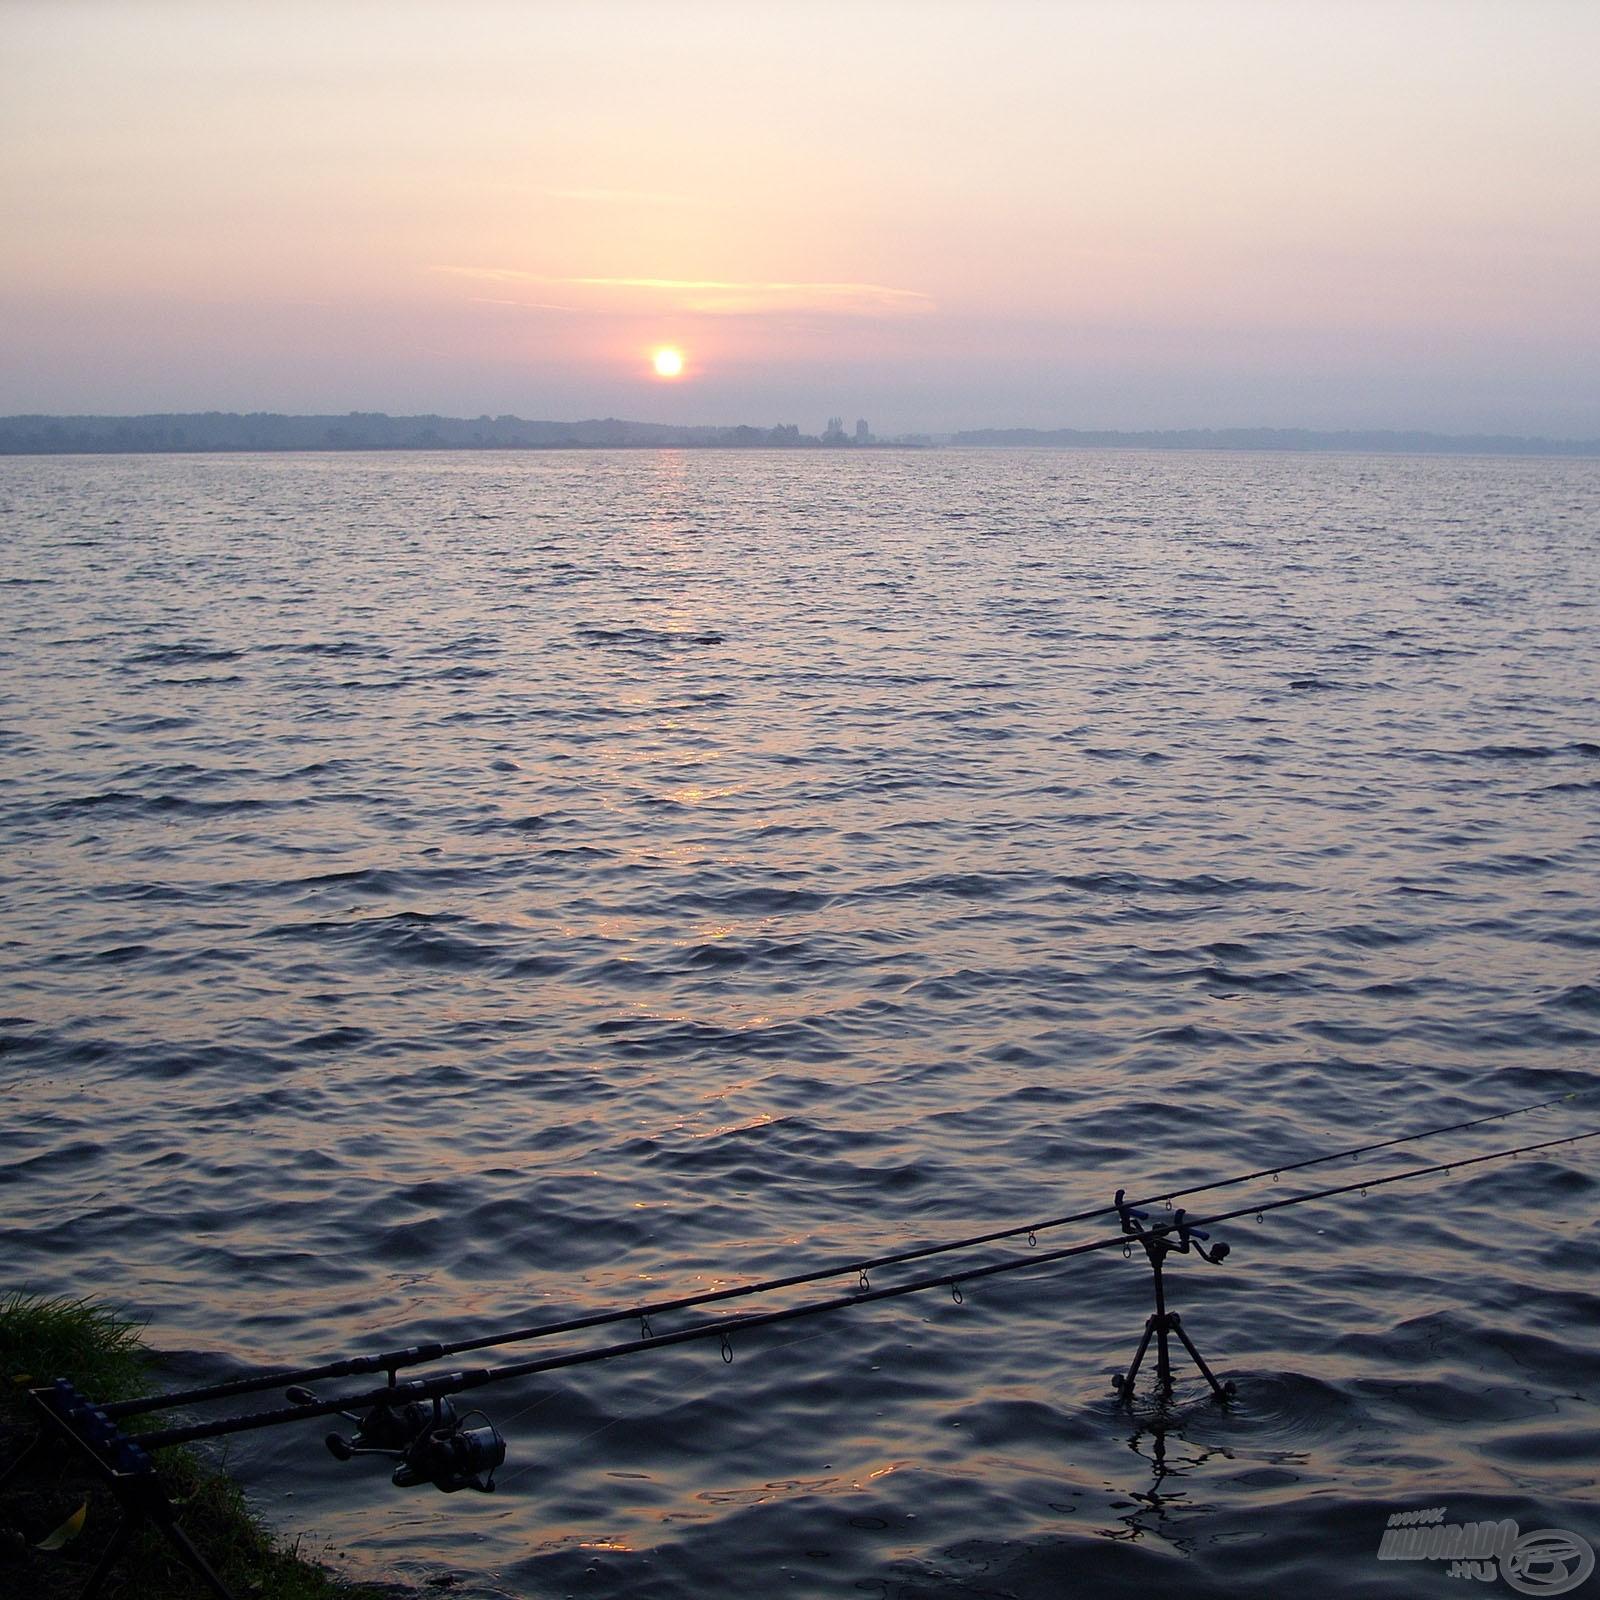 Természet és a horgászat szépsége